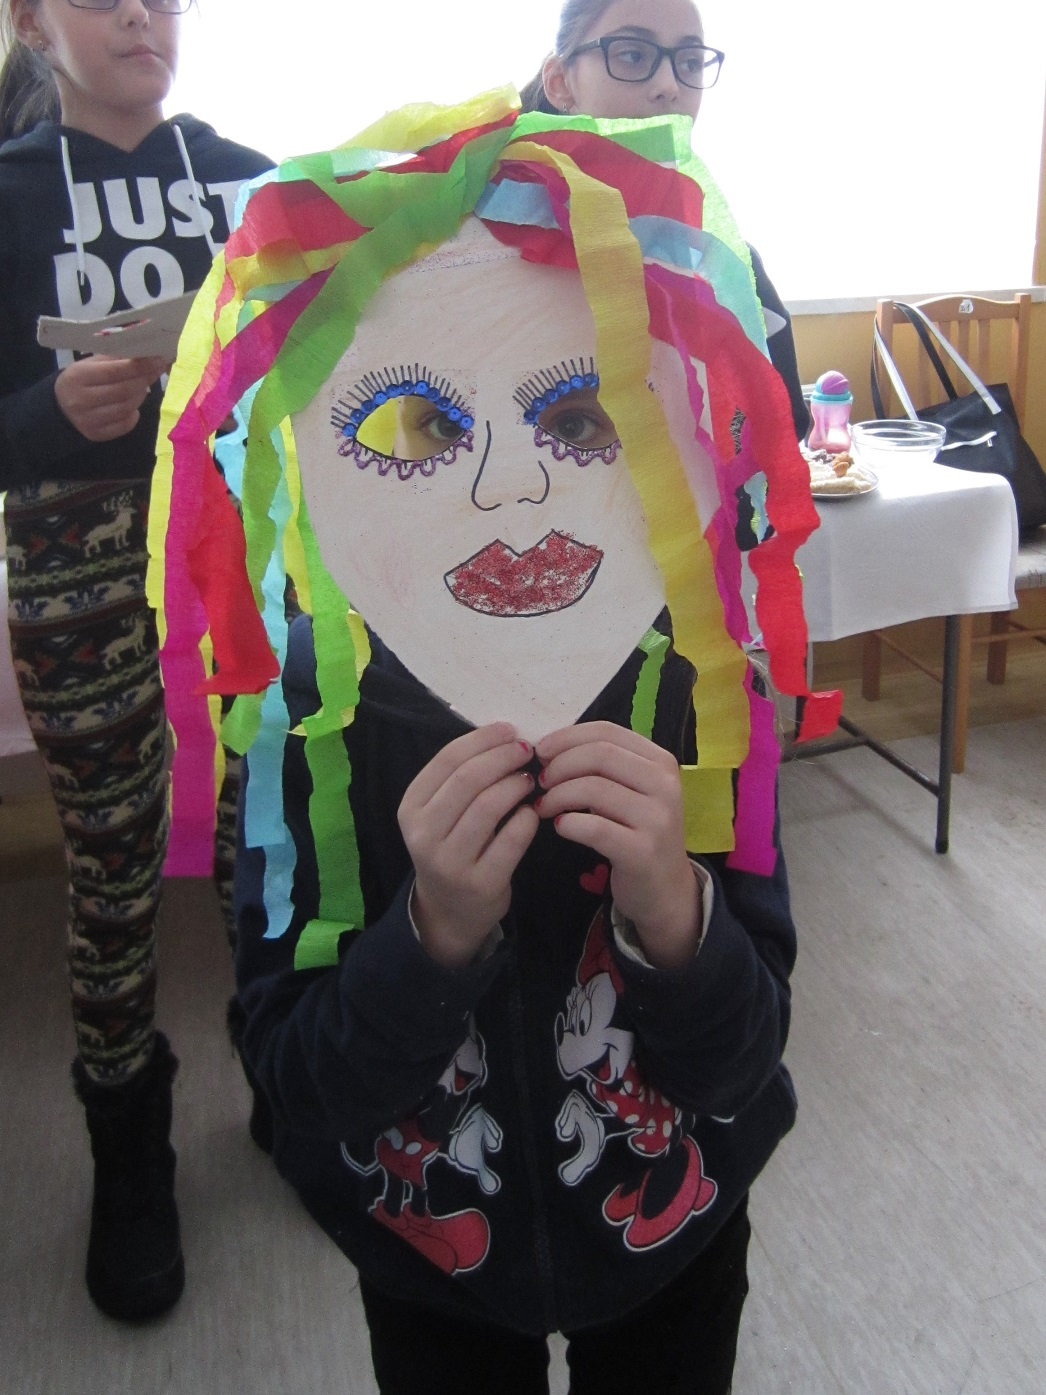 dziewczynka przykłada do twarzy maskę z kartonu z wyciętymi otworami na oczy i różnokolorowymi pasami bibuły przyklejonymi do górnej części maski i zwisającymi po obu jej stronach